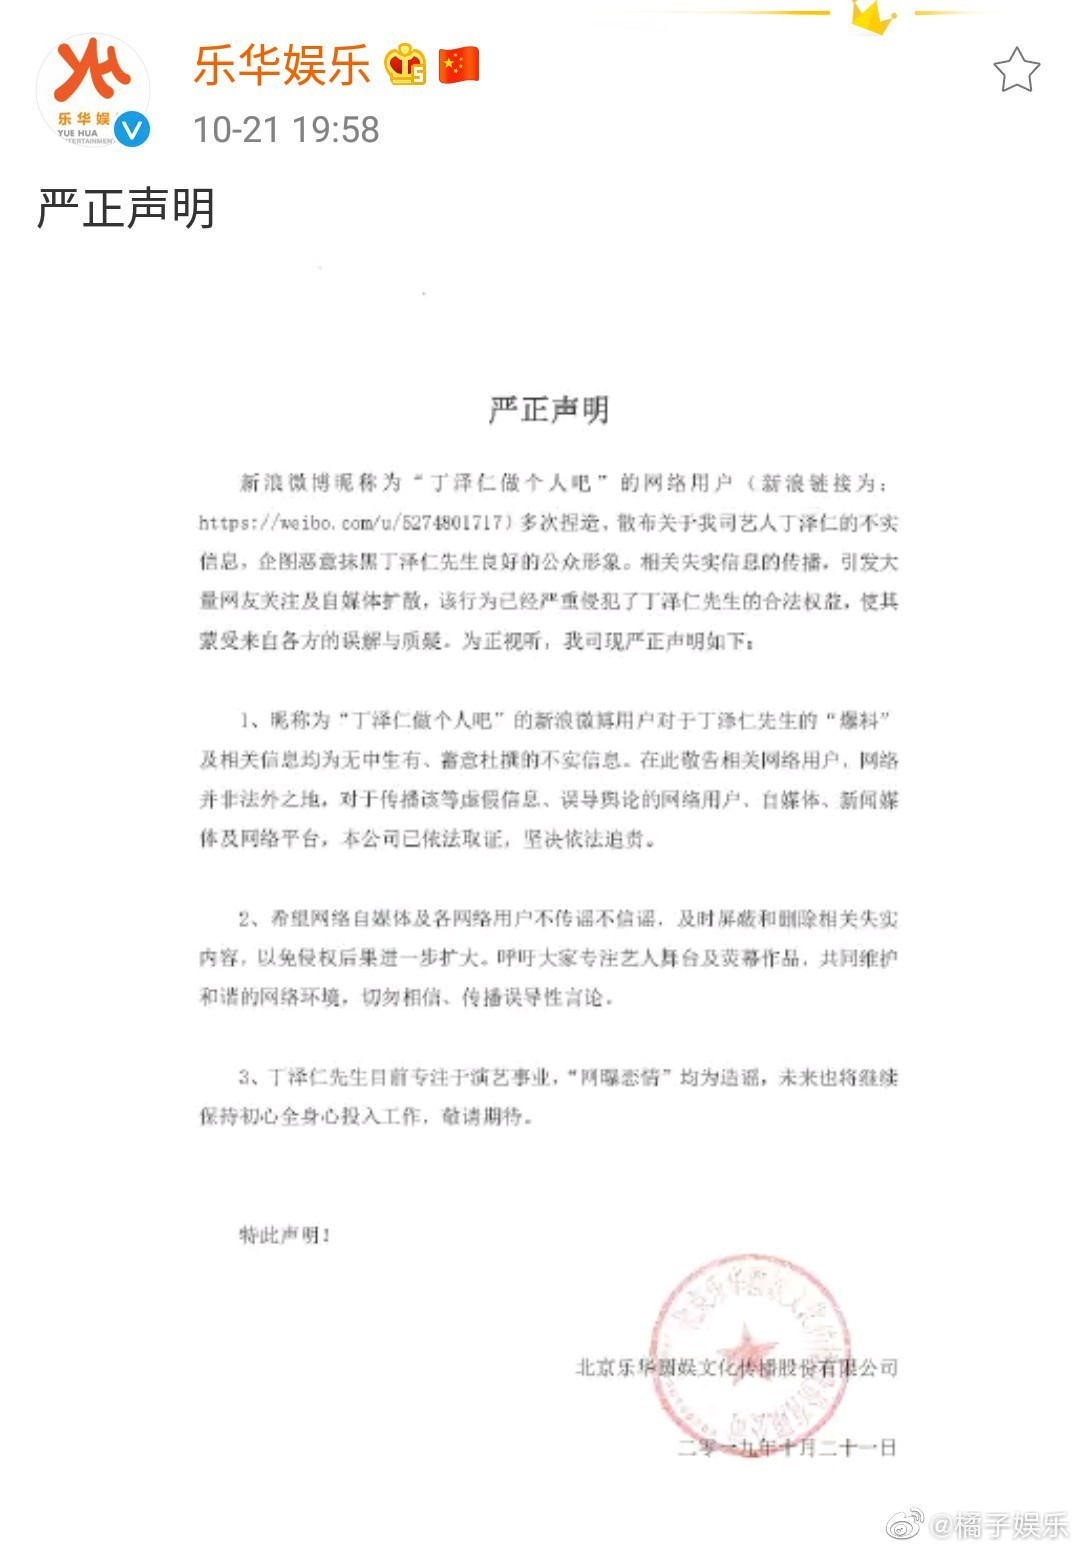 乐华娱乐发声明否认丁泽仁恋情传闻